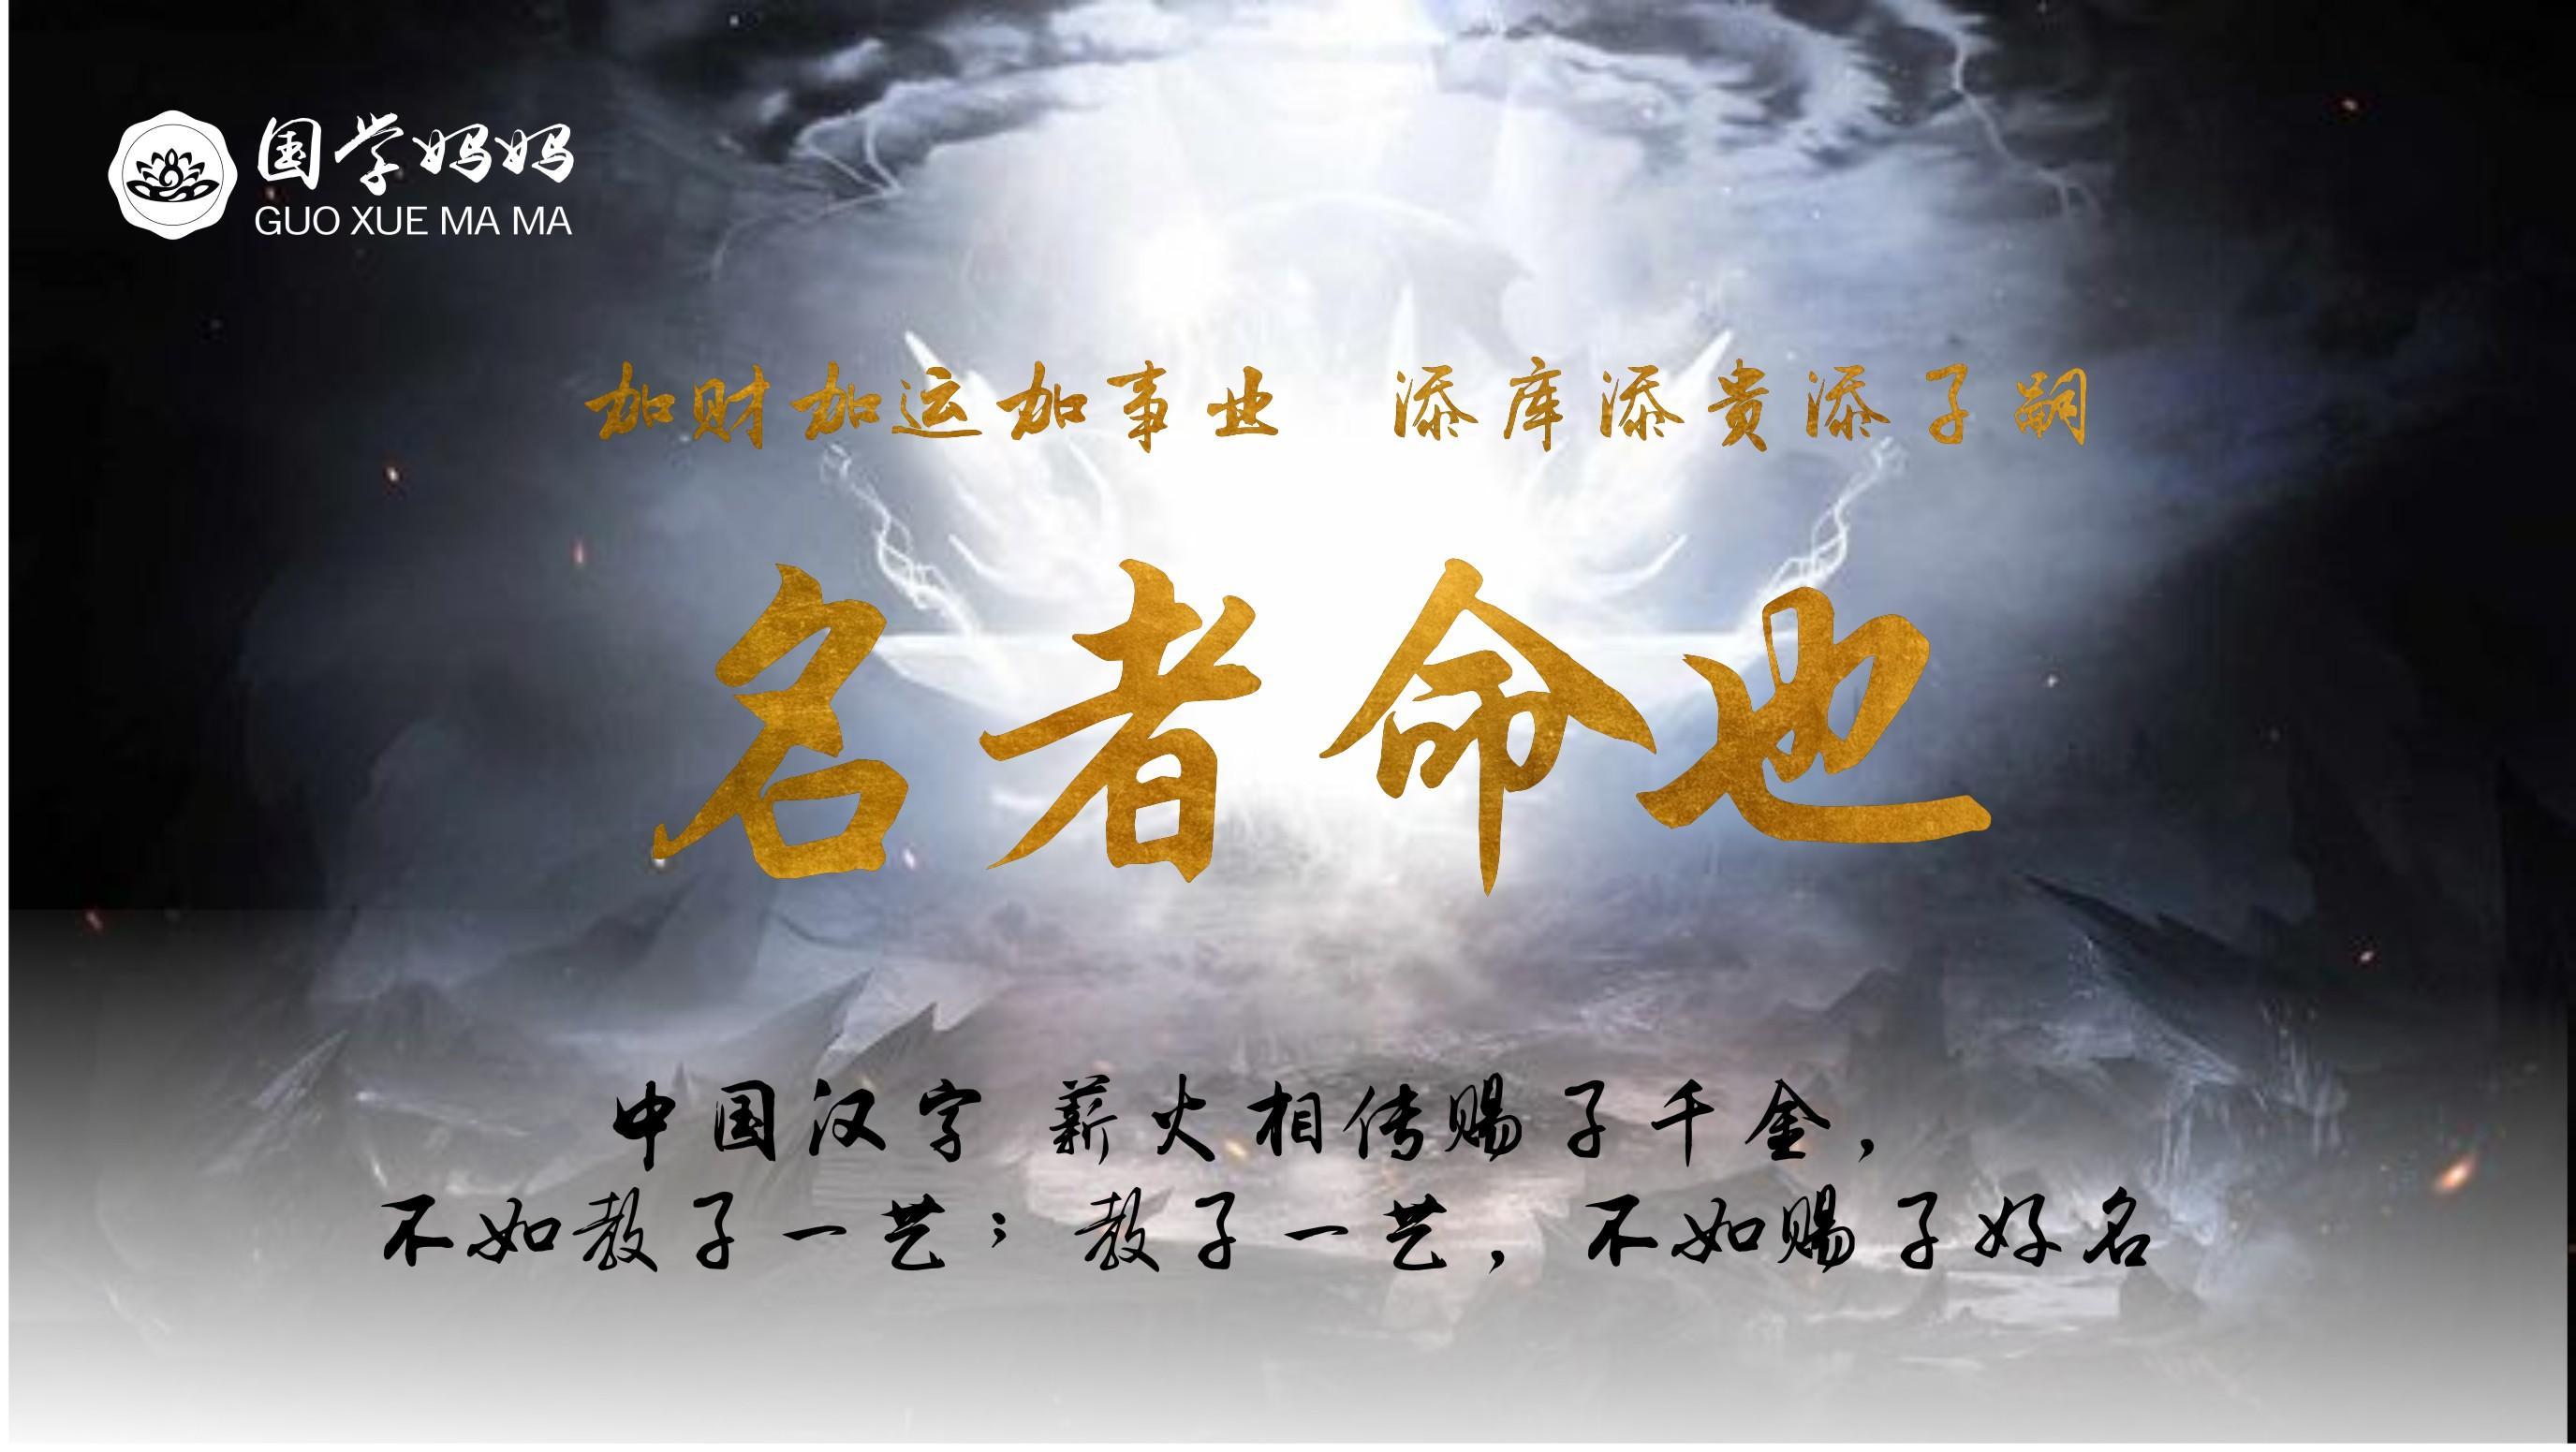 中国汉字与姓名学丨一切转运从拥有一个好名字开始!